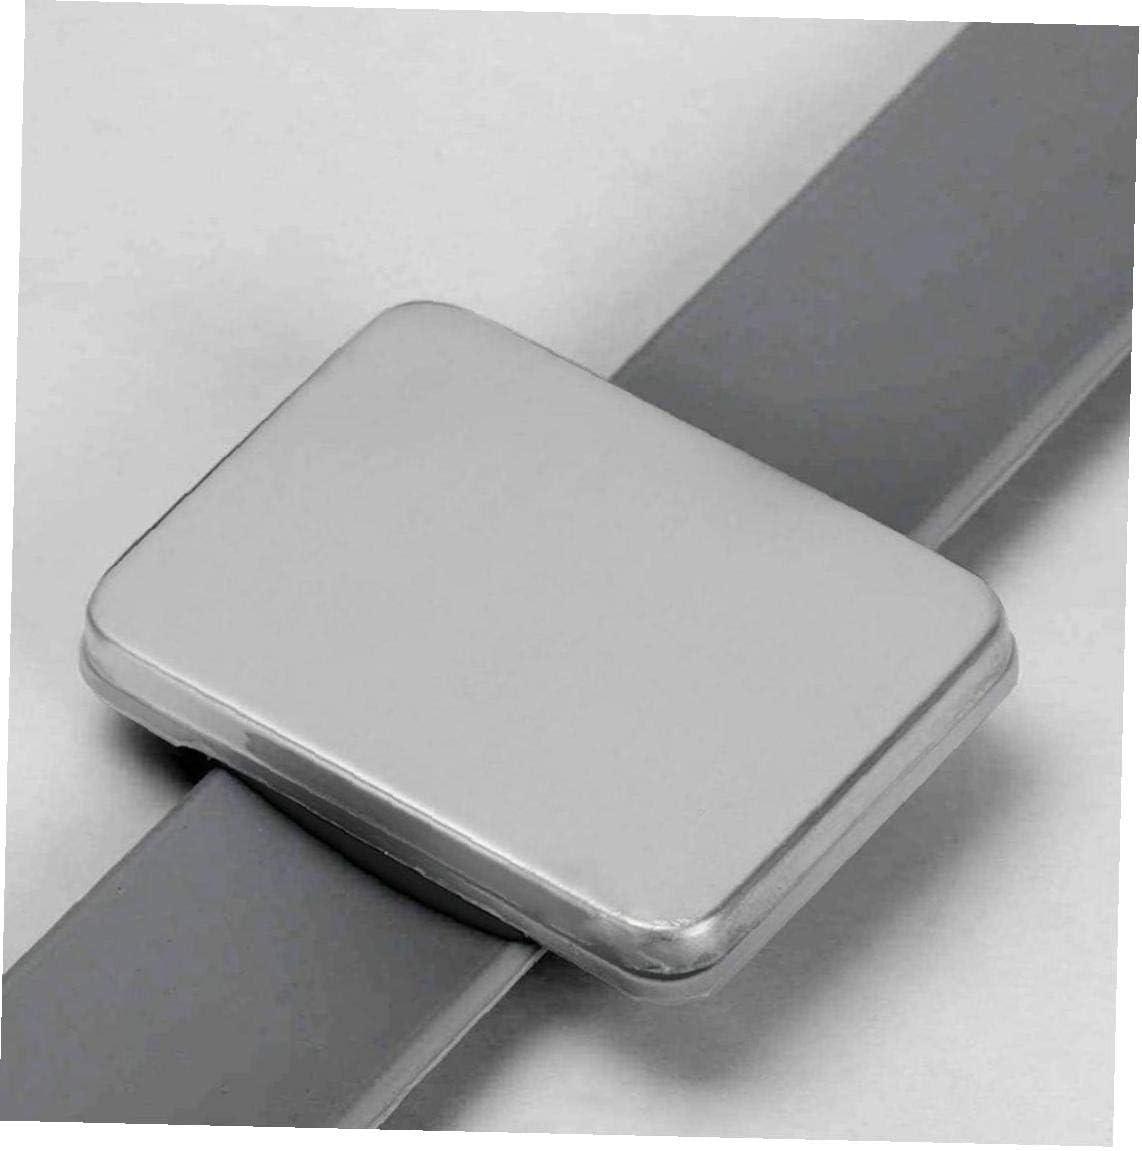 Yoyakie Magnetic Cuscino Cucito Spinotto Cucire Puntaspilli Supporto Magnetico Cuscino Wristband Pin per I Clip Quilting Cucire I Perni di Quotidiana Cucire a Mano Fai Te Cucito Crafts